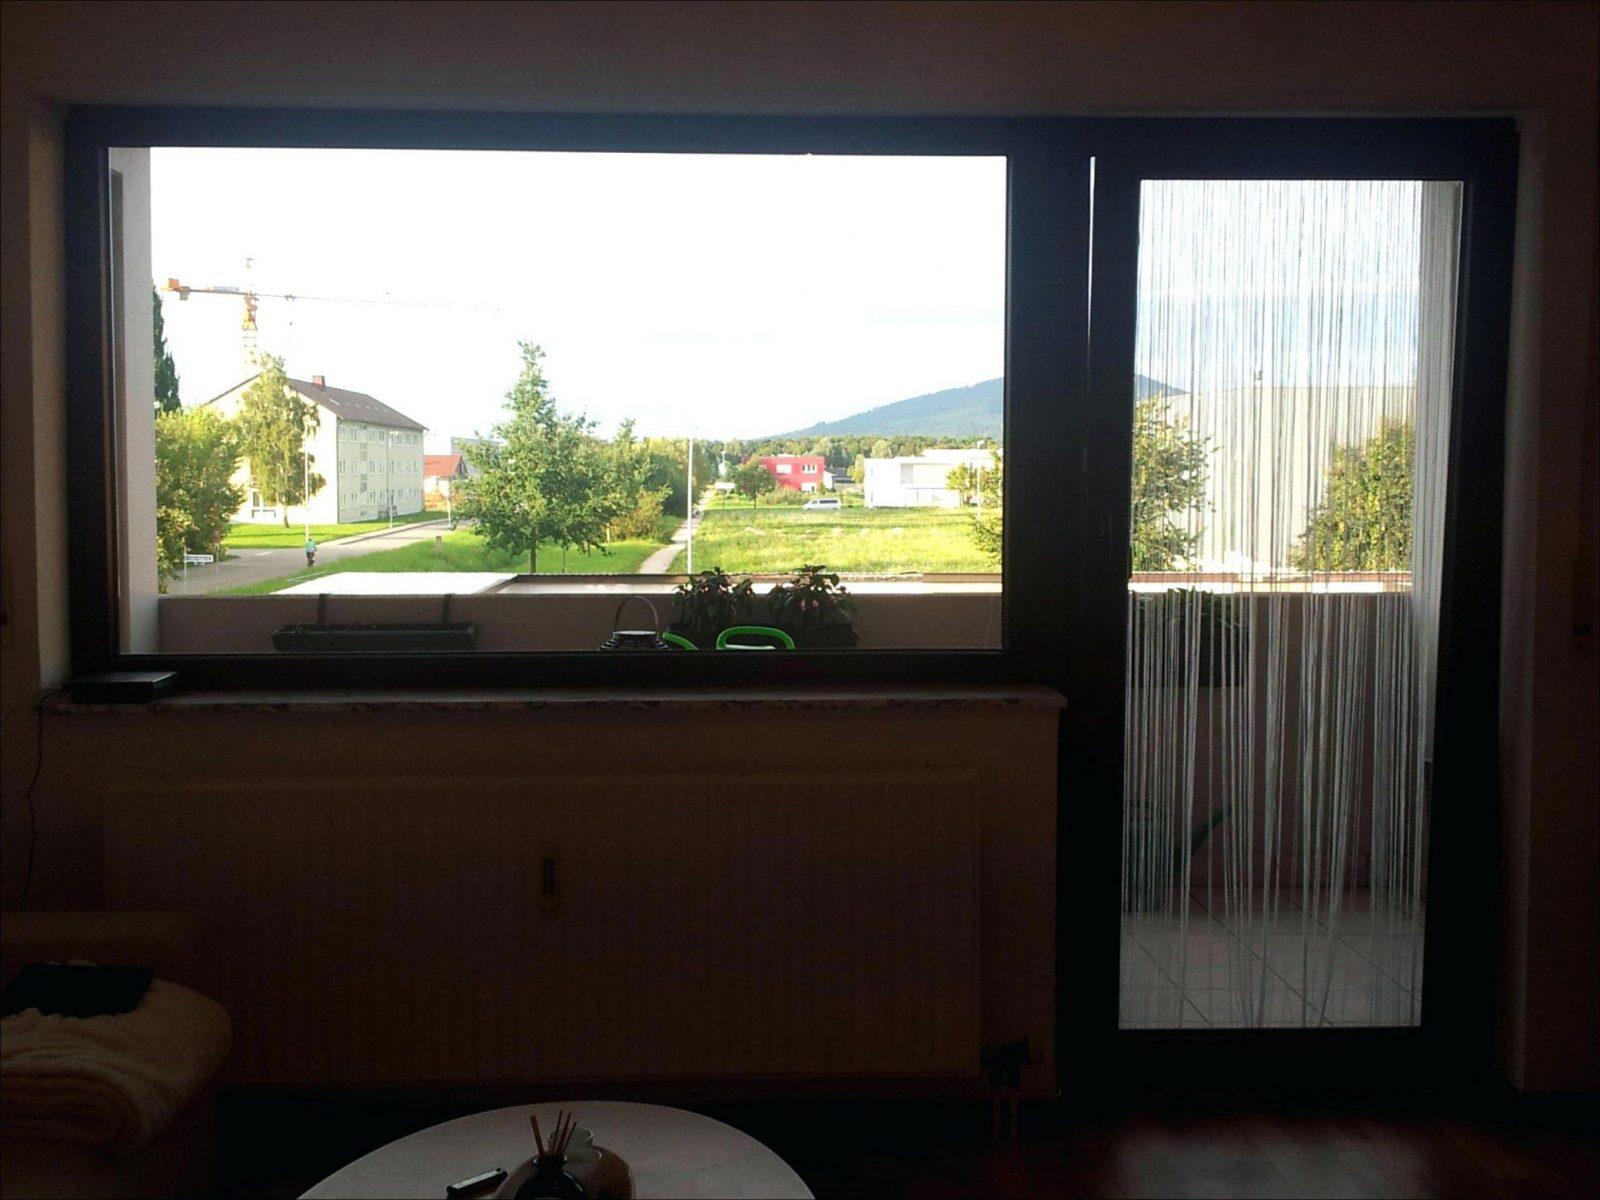 Fenster Dekorieren Ohne Gardinen Dachfenster Trendy Groe Wirken Auch von Fenster Ohne Gardinen Dekorieren Bild